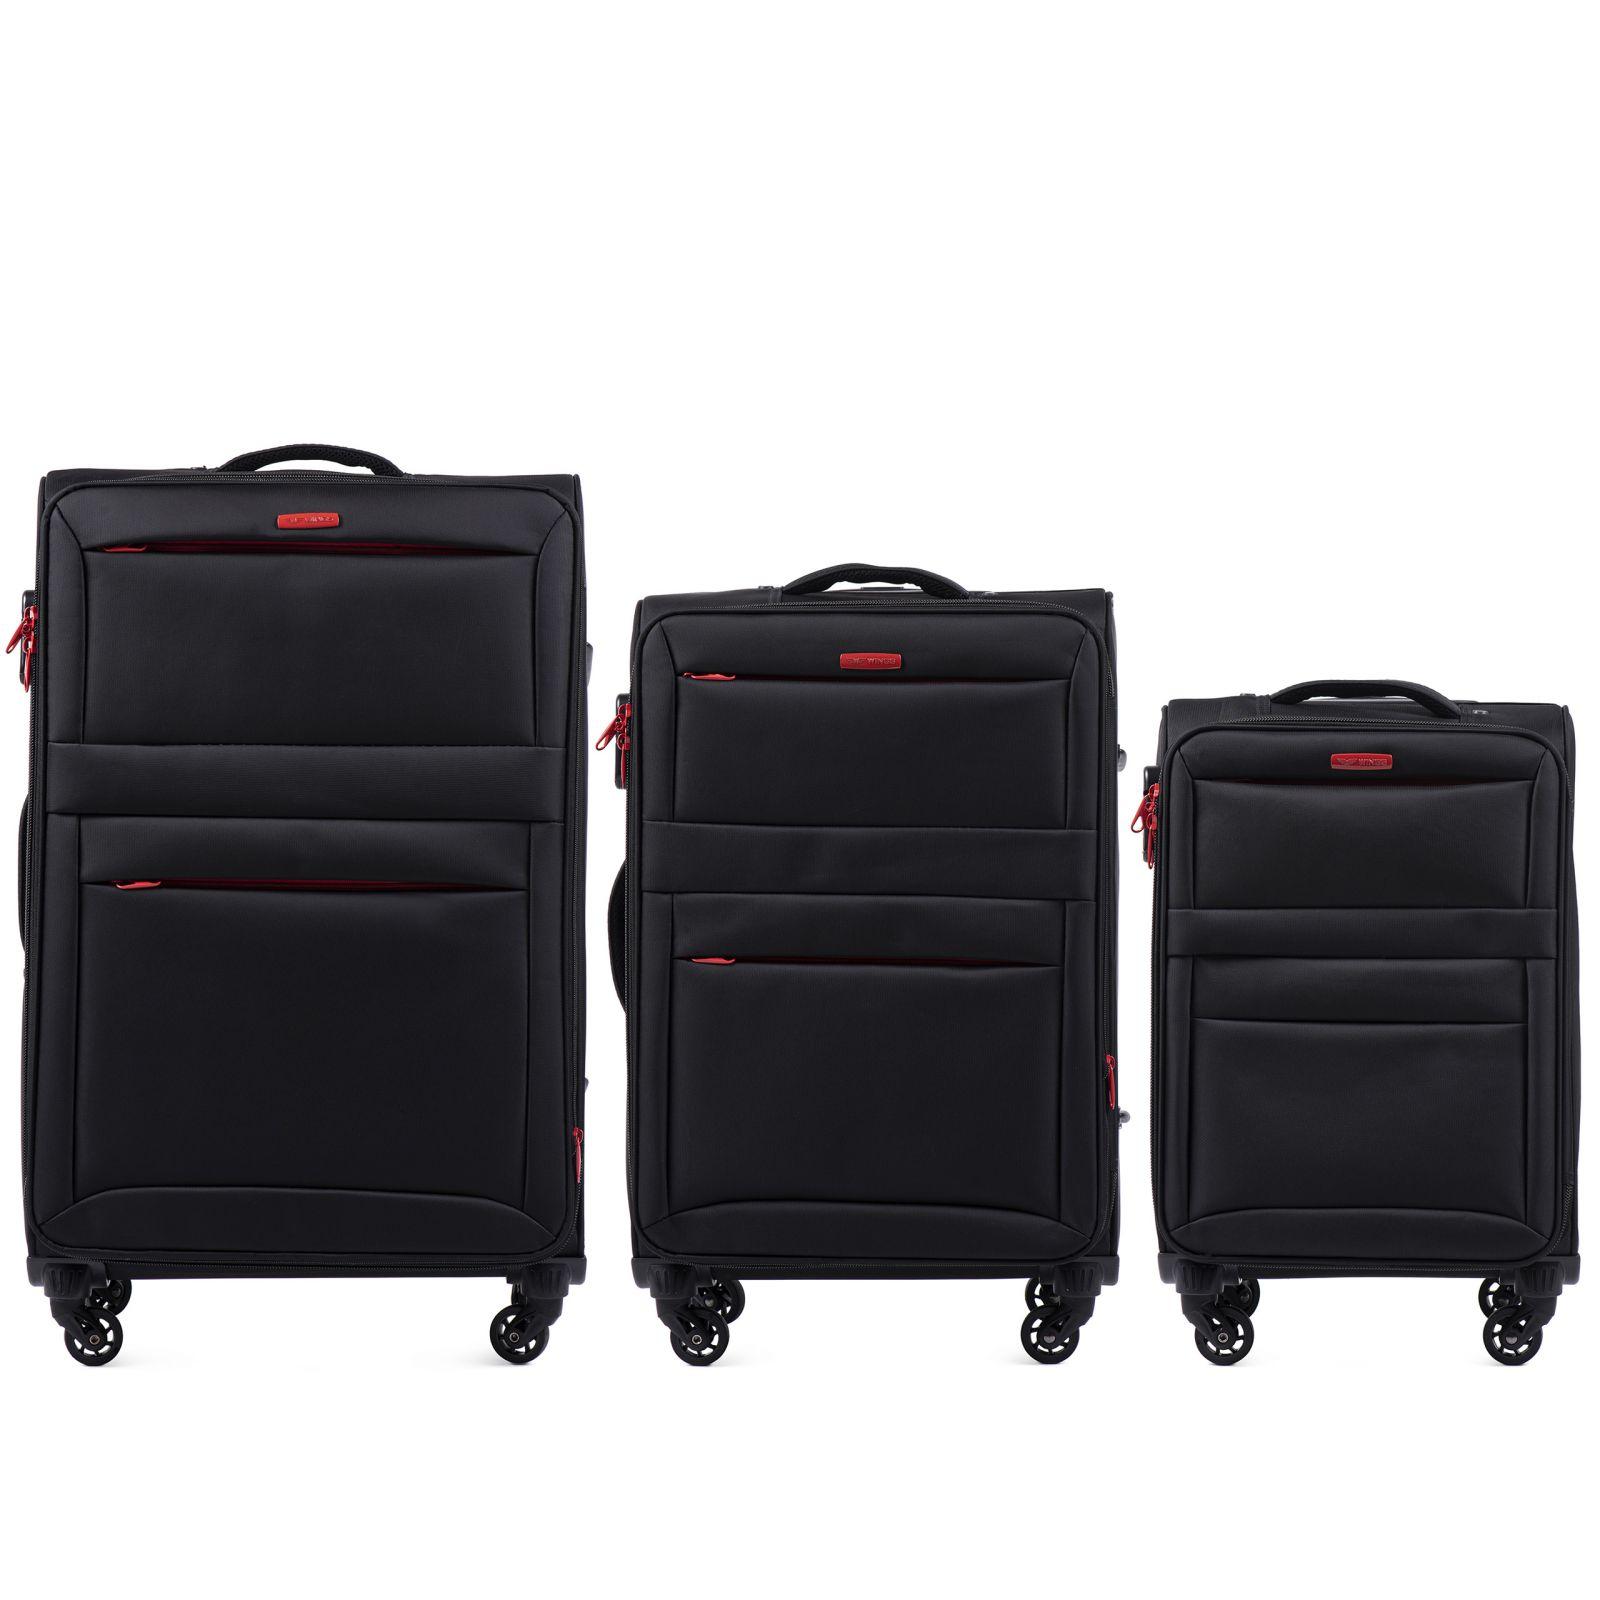 Sada 3 textilních kufrů WINGS 2861 BLACK L/M/S